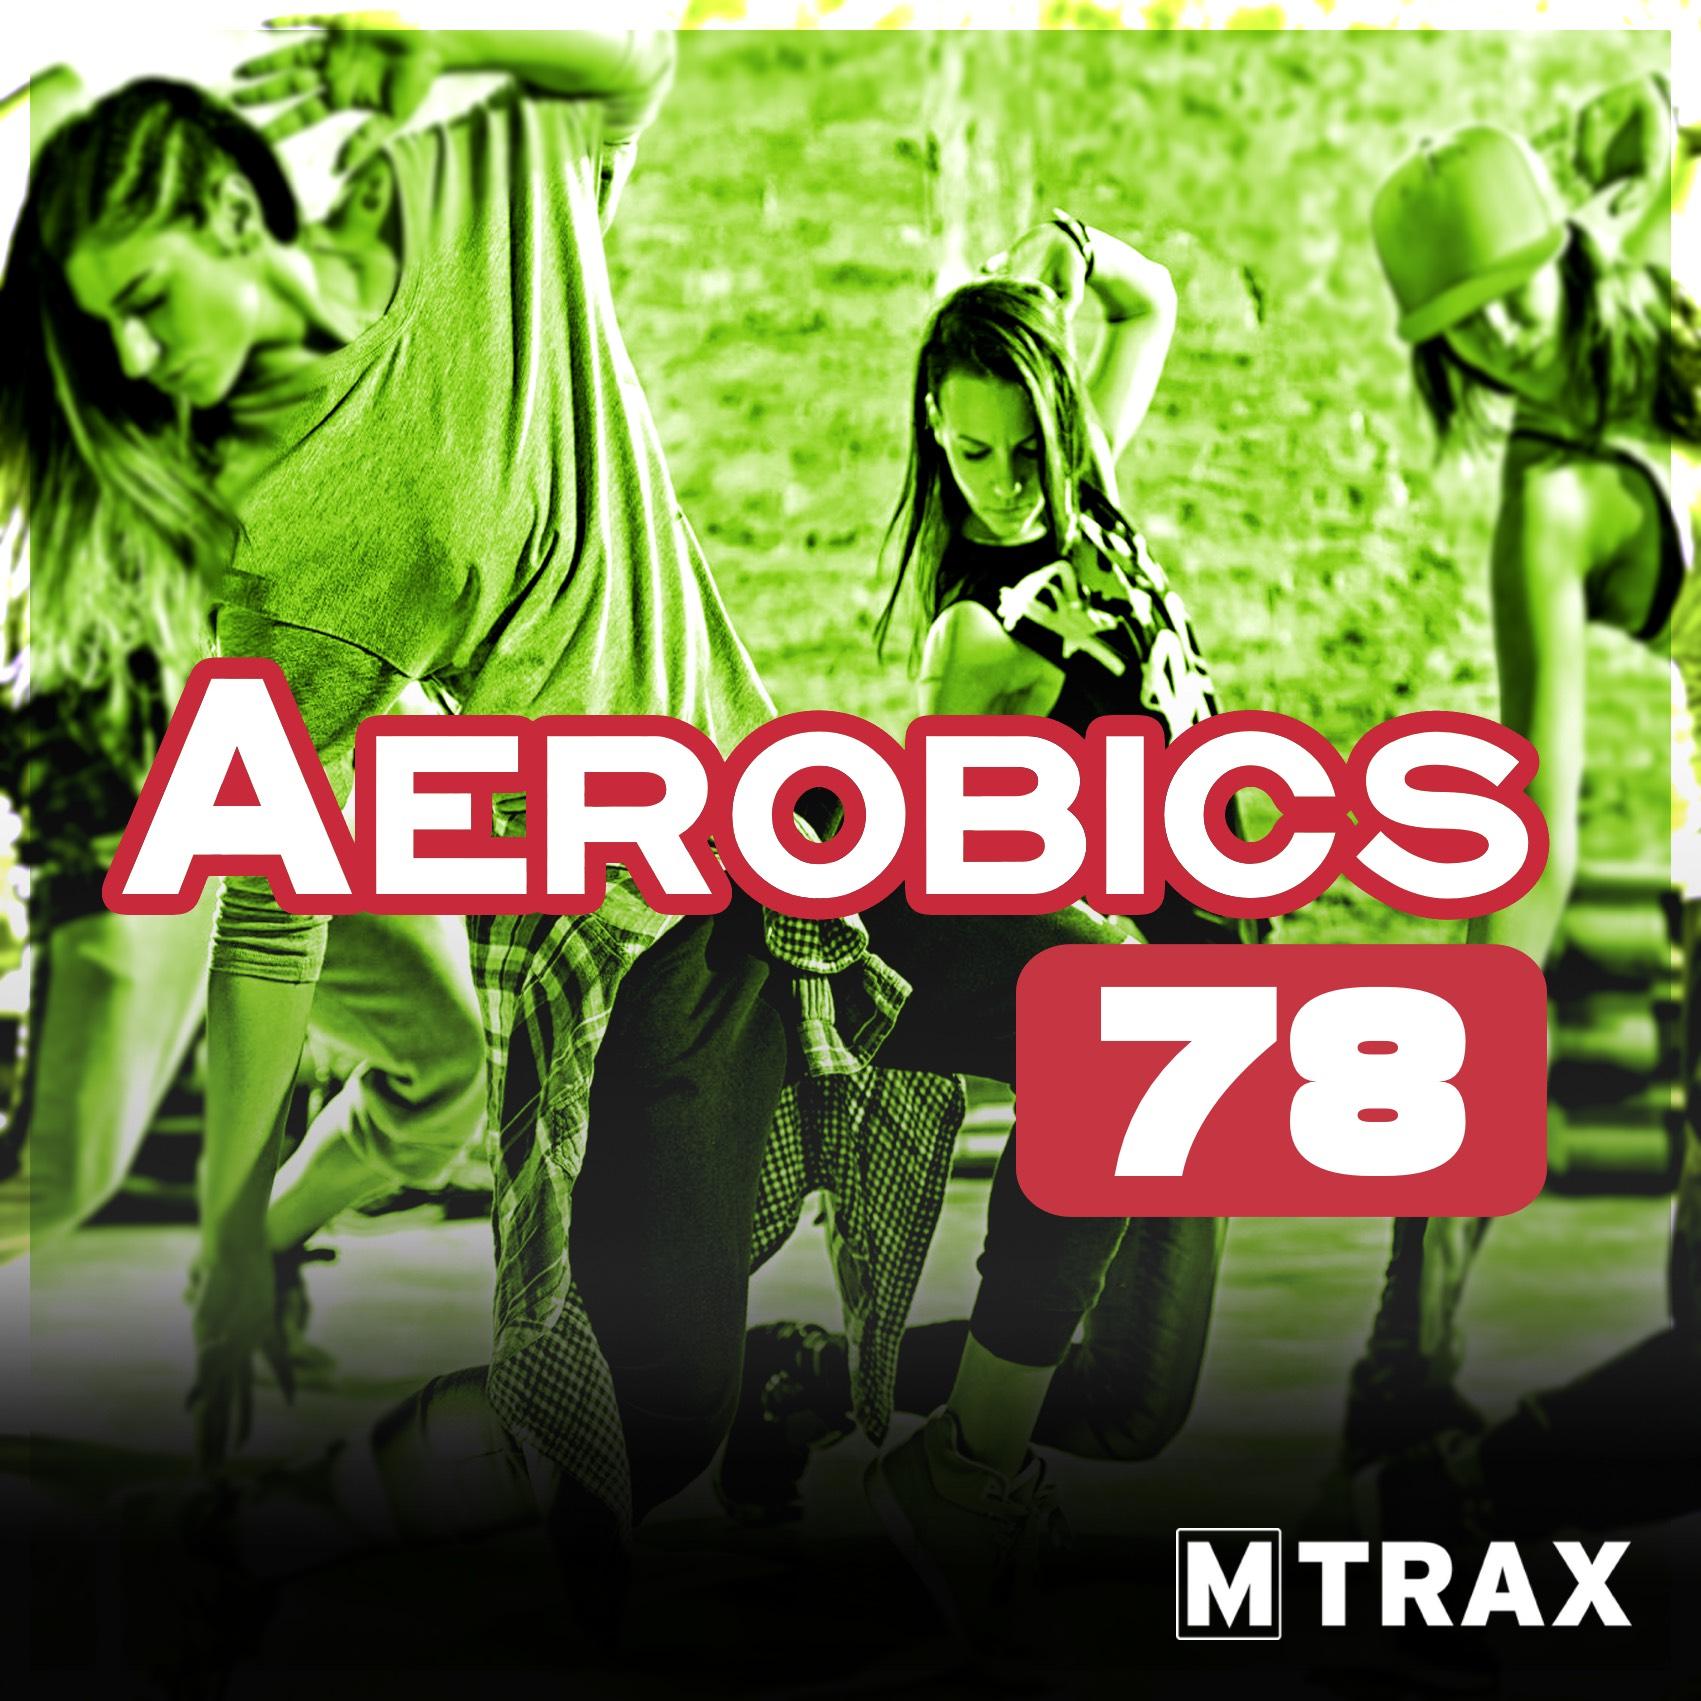 Aerobics 78 | MTrax Fitness Music